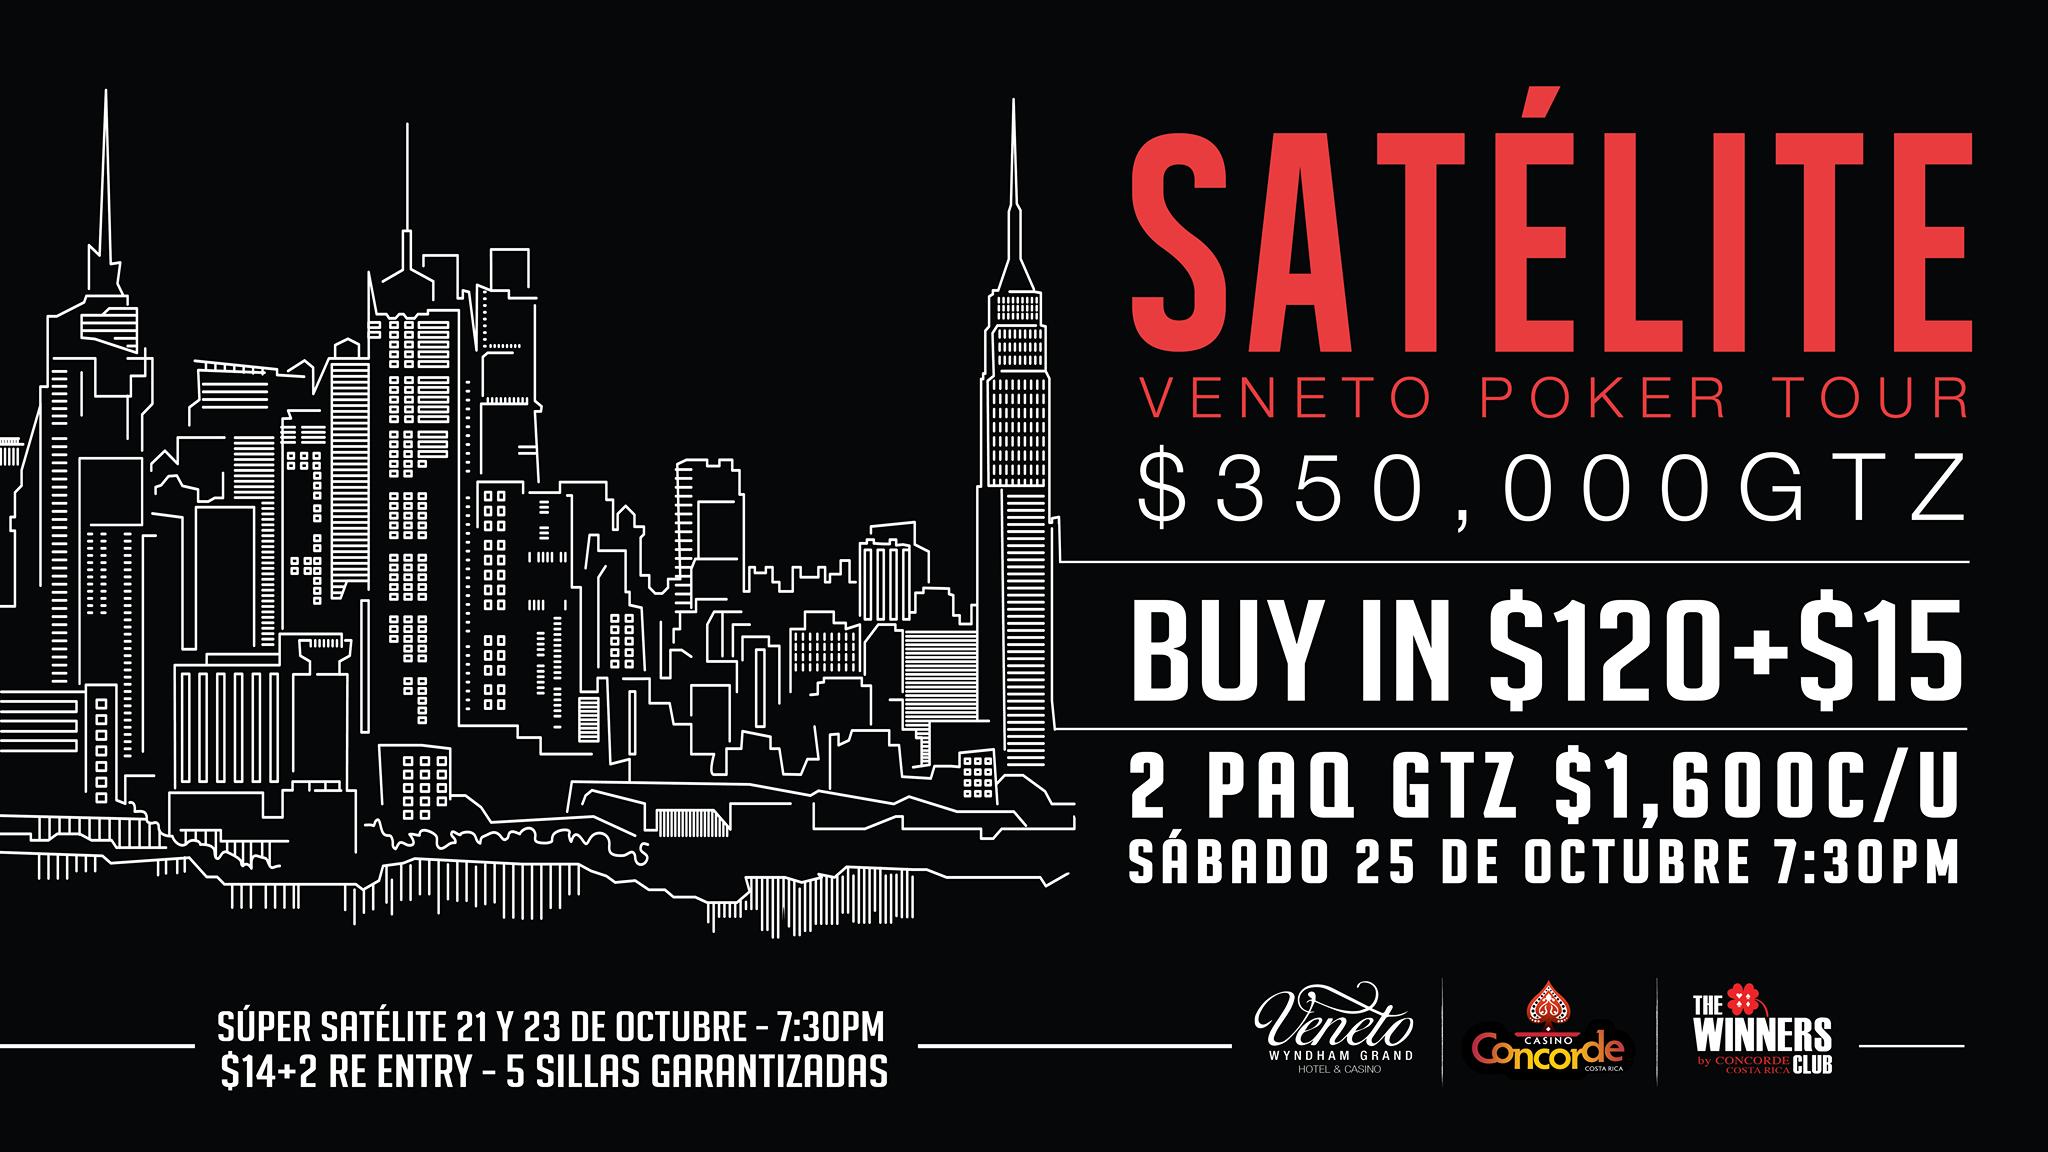 ¡Se viene satélite al Veneto Poker Tour! 101